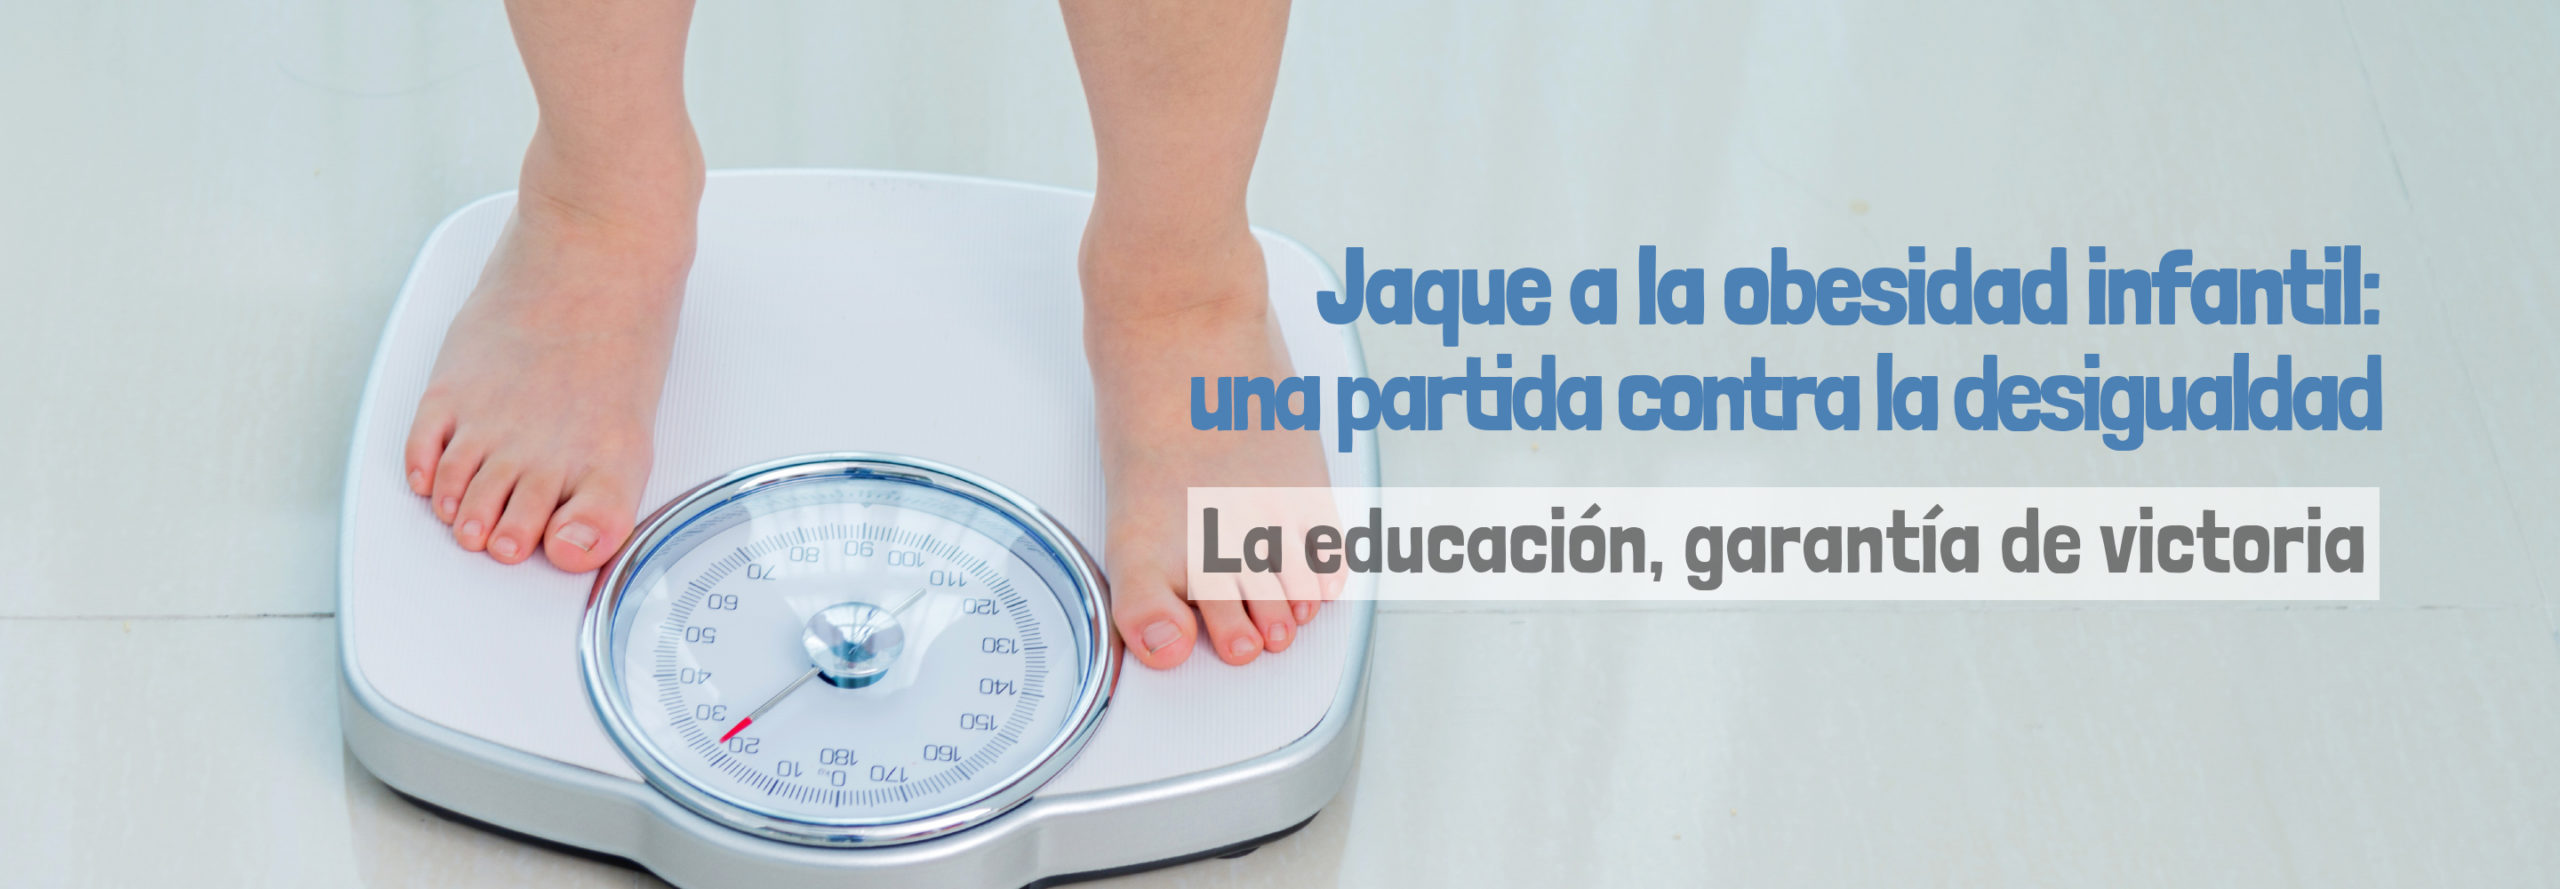 Jaque a la obesidad infantil